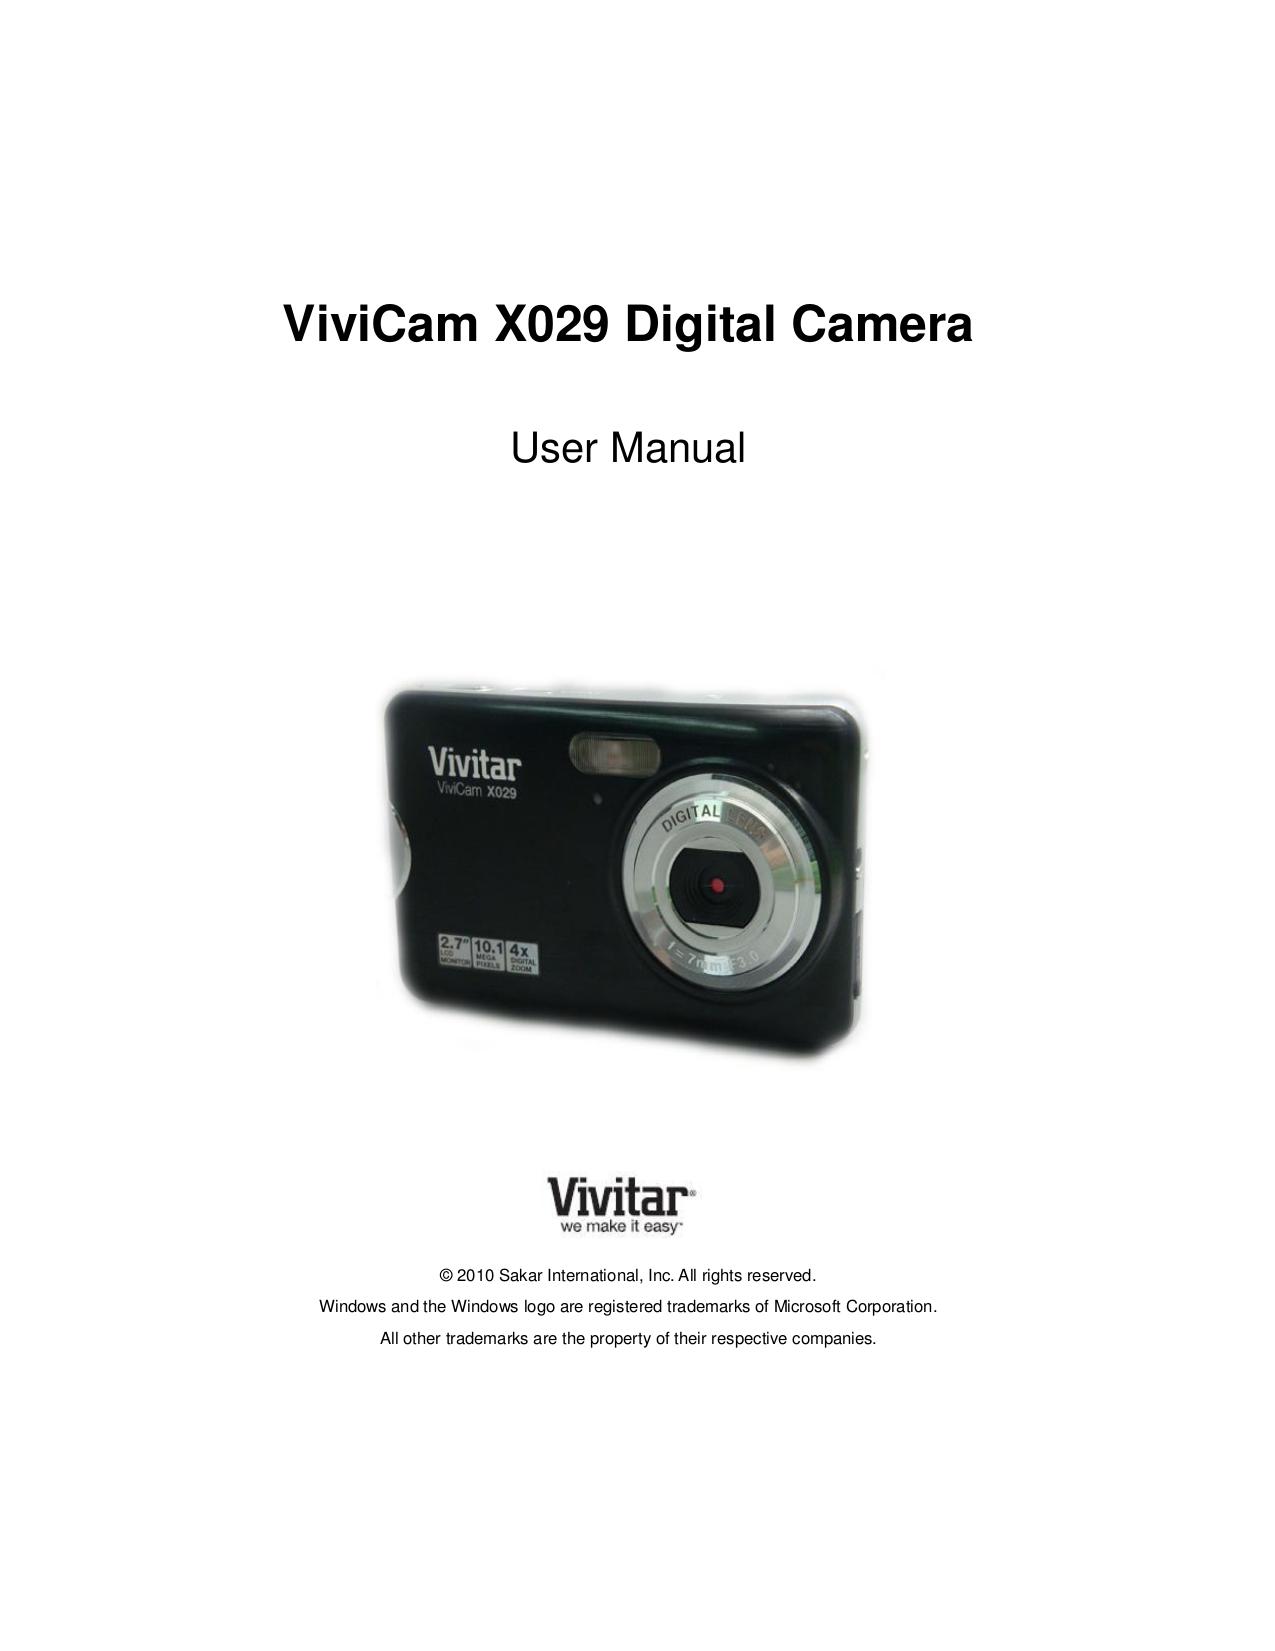 download free pdf for vivitar vivicam 5385 digital camera manual rh umlib com vivitar binoculars with digital camera manual vivitar aquashot underwater digital camera manual